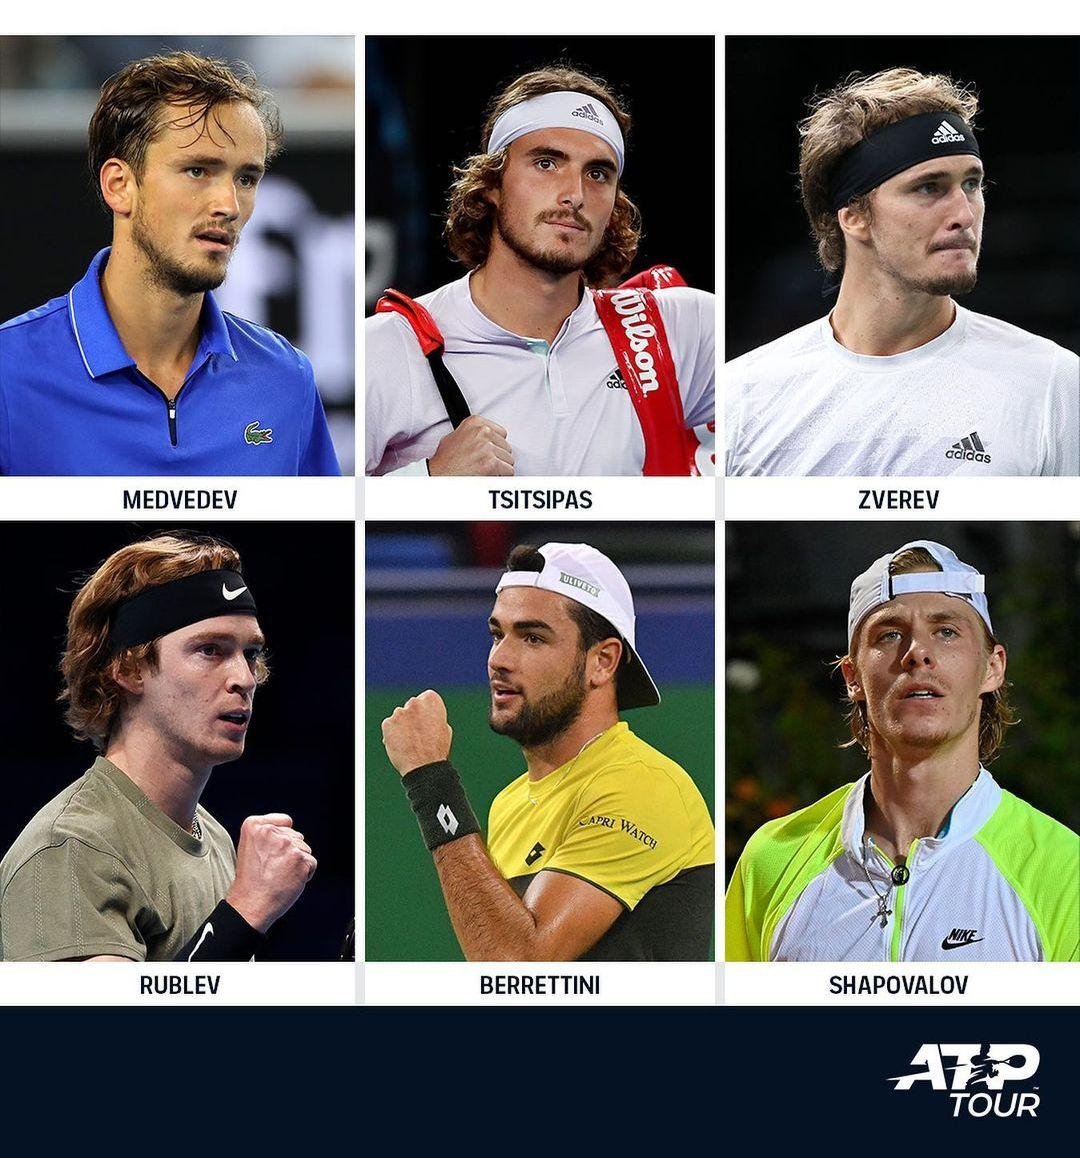 De los seis jugadores con 24 años o menos del Top-10, ¿cuál crees que tendrá una mejor temporada en 2021?  #ATPTour | #ThisIsTennis